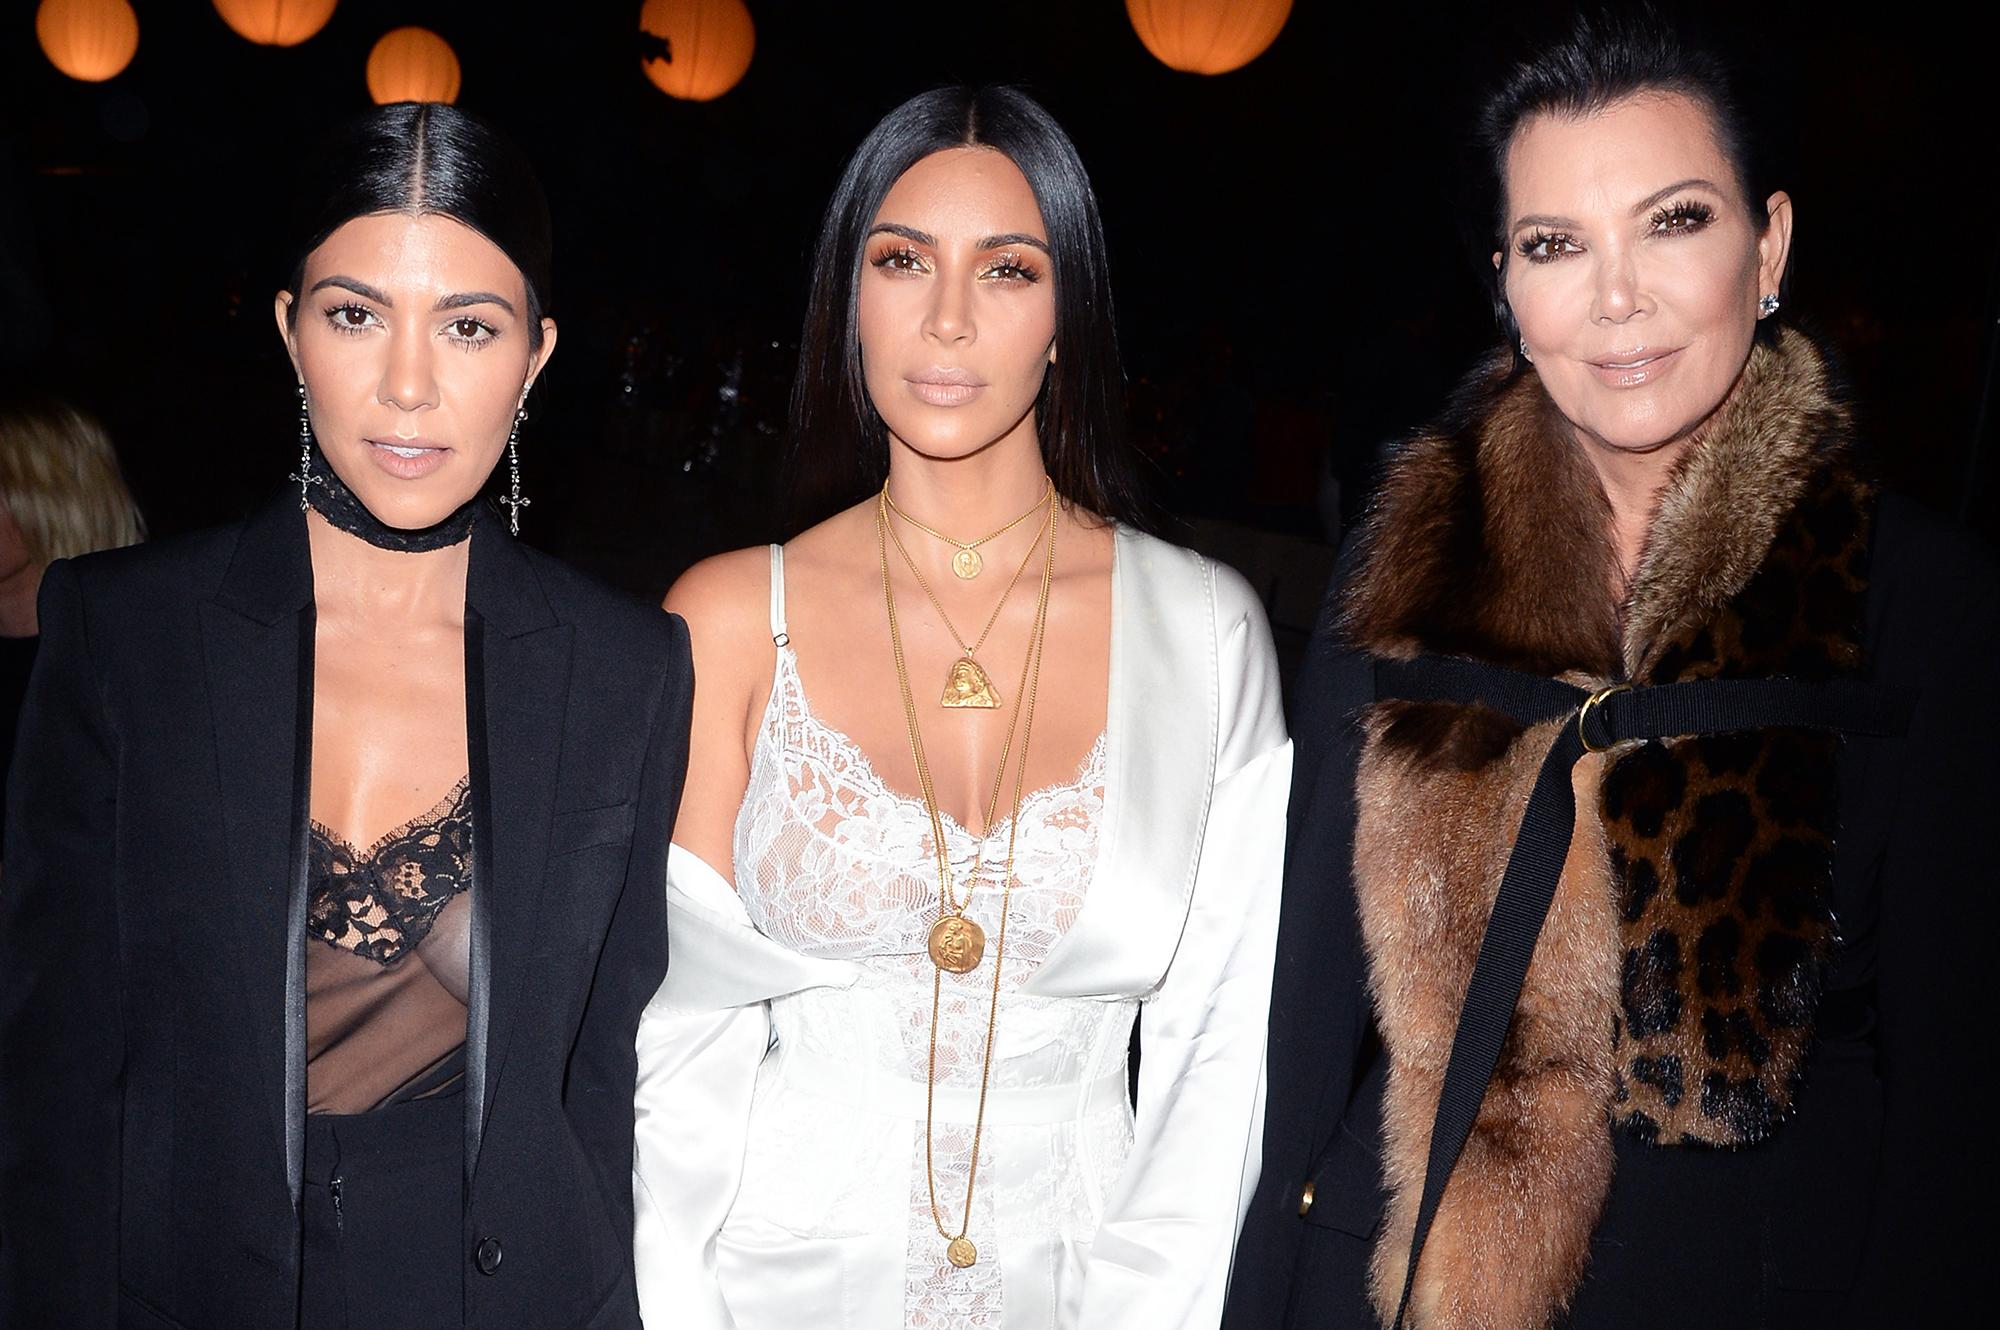 Kris Jenner Talks Kim Kardashian, Kourtney Kardashian \'Dirty\' Feud